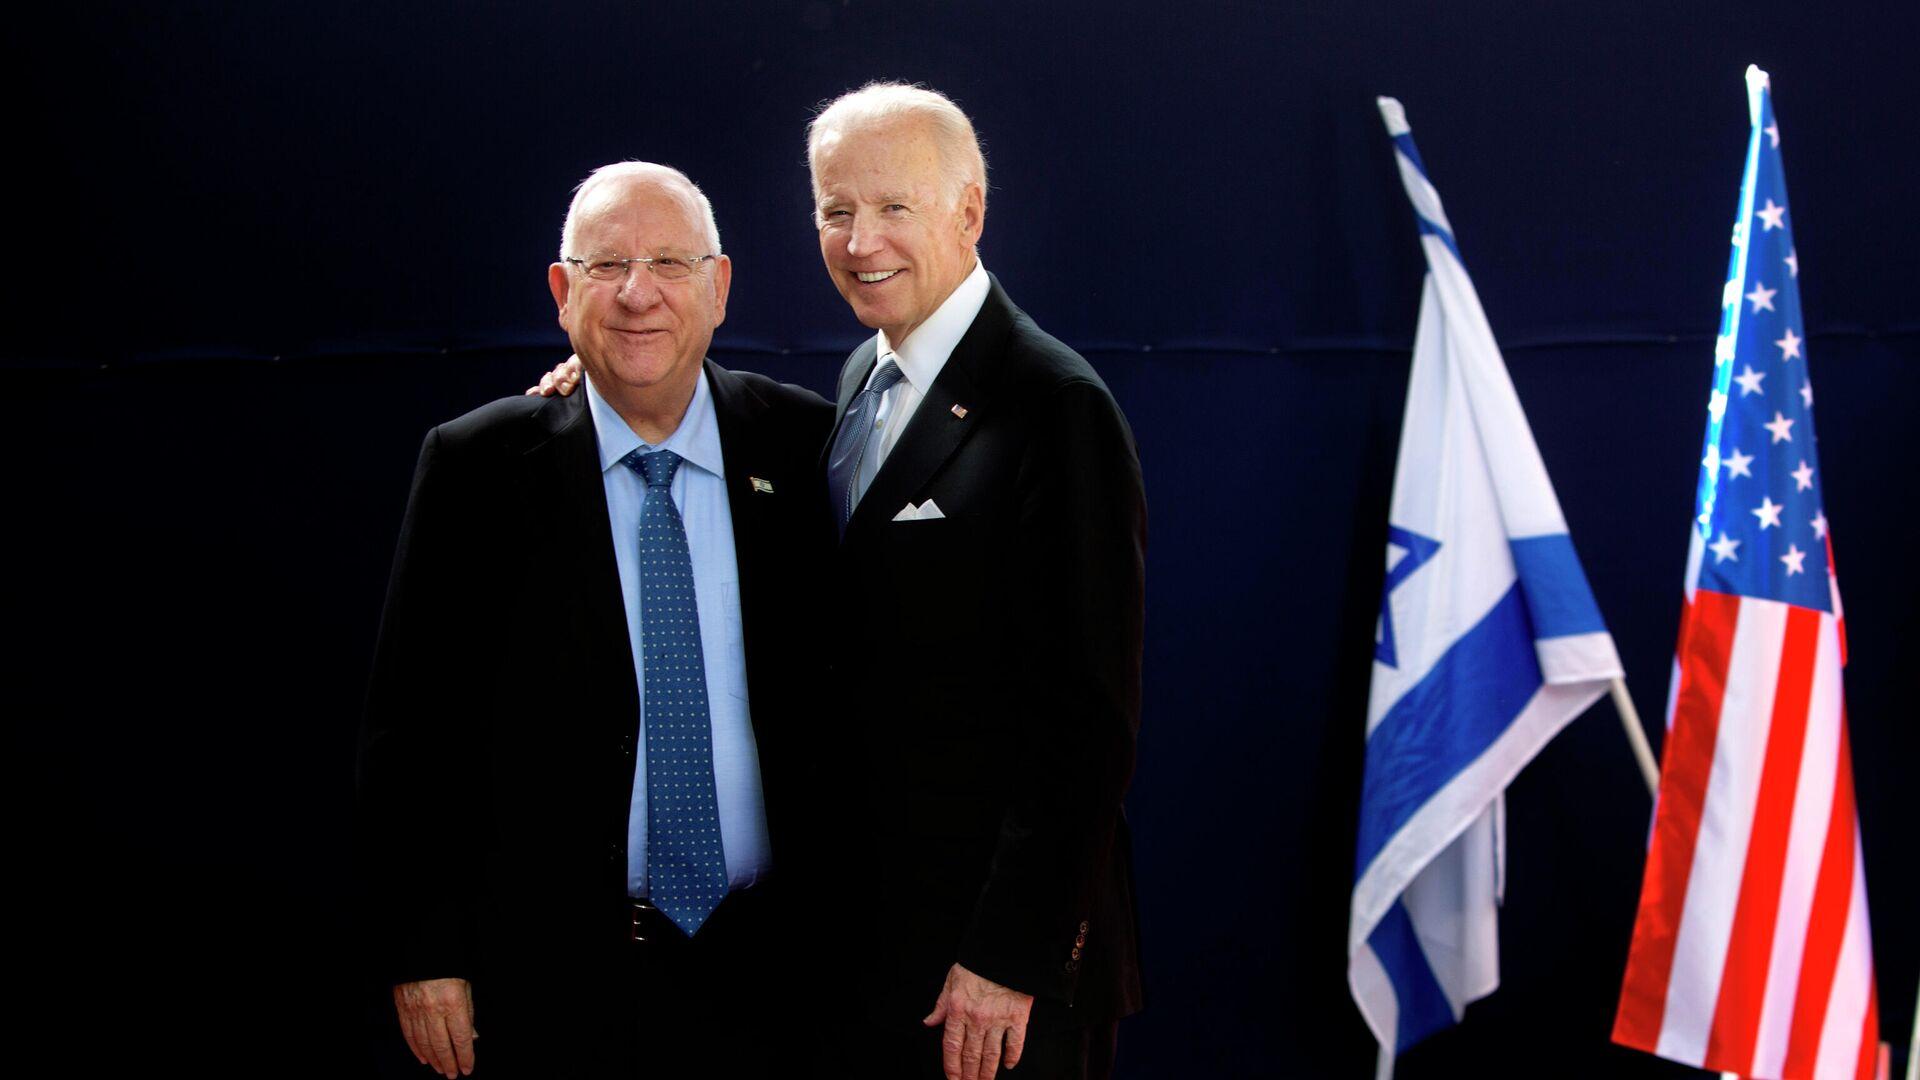 Reuven Rivlin, presidente de Israel, y Joe Biden, actual presidente de EEUU, en 2016 - Sputnik Mundo, 1920, 04.07.2021